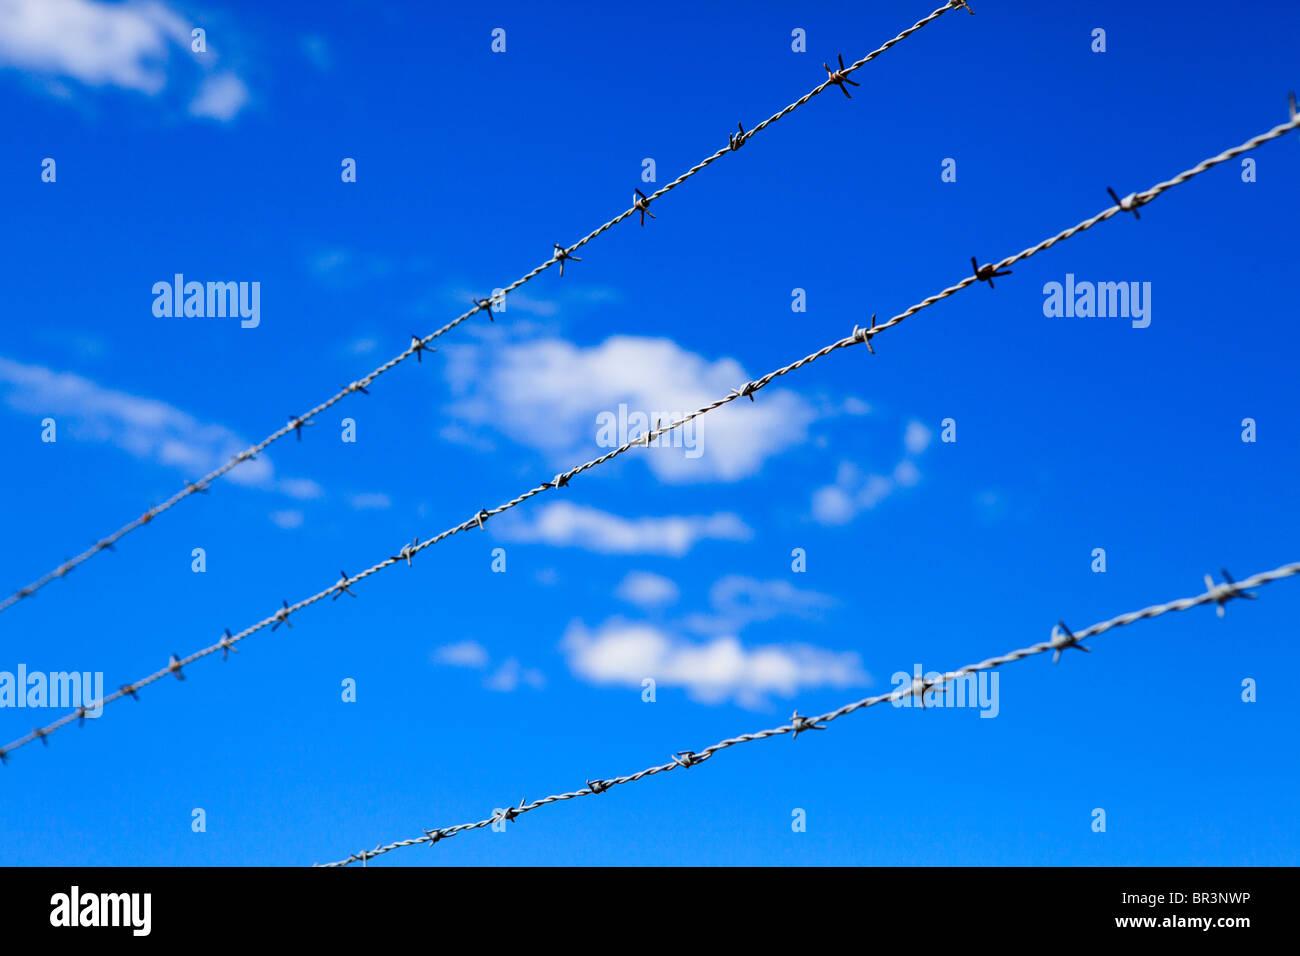 Filo spinato contro un cielo blu Immagini Stock